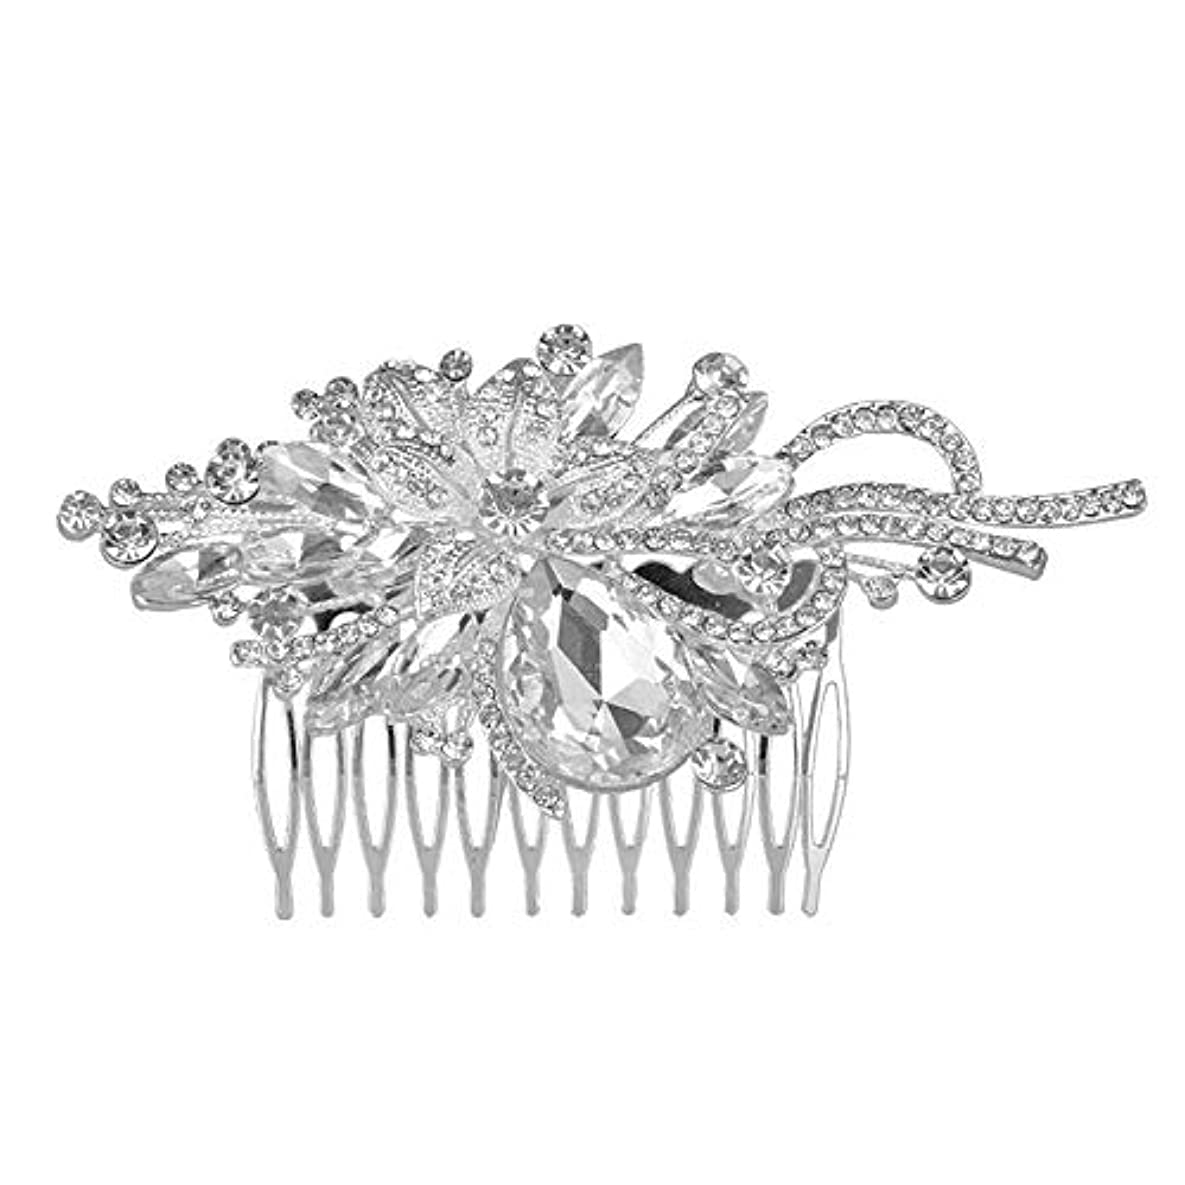 仮定貧しい細胞髪の櫛挿入櫛花嫁の髪櫛クラウン髪の櫛結婚式のアクセサリー葉の髪の櫛ラインストーンの髪の櫛ブライダルヘッドドレス